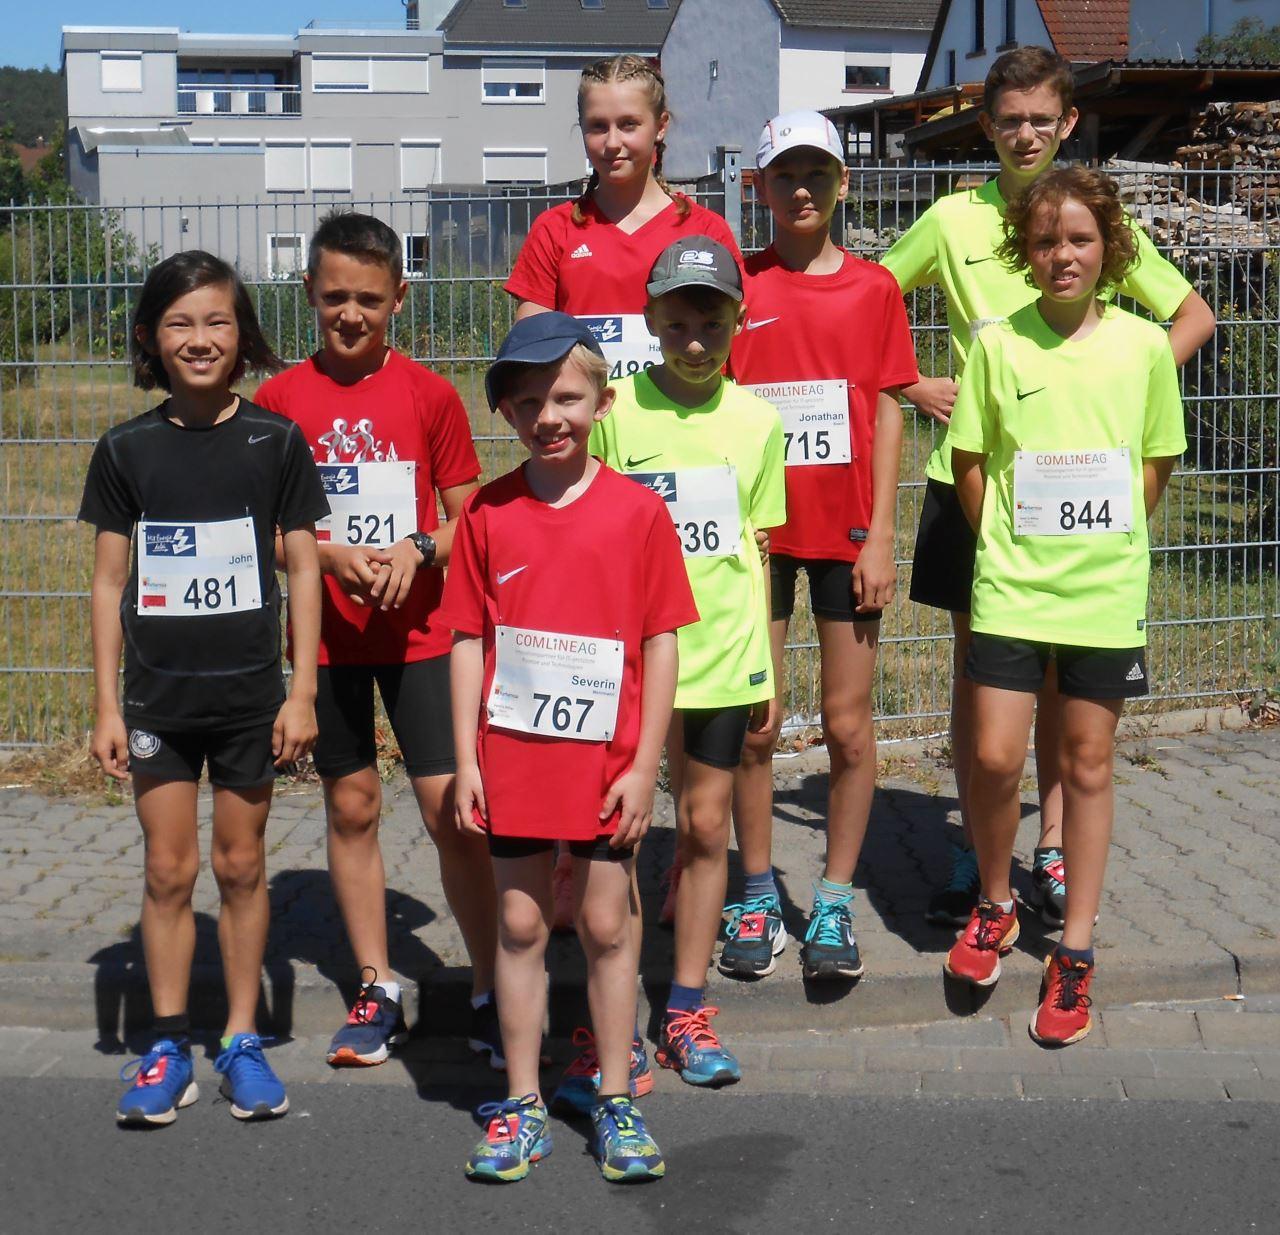 TV Schweinheim Leichtathletik beim Barbarossalauf in Erlenbach 2018